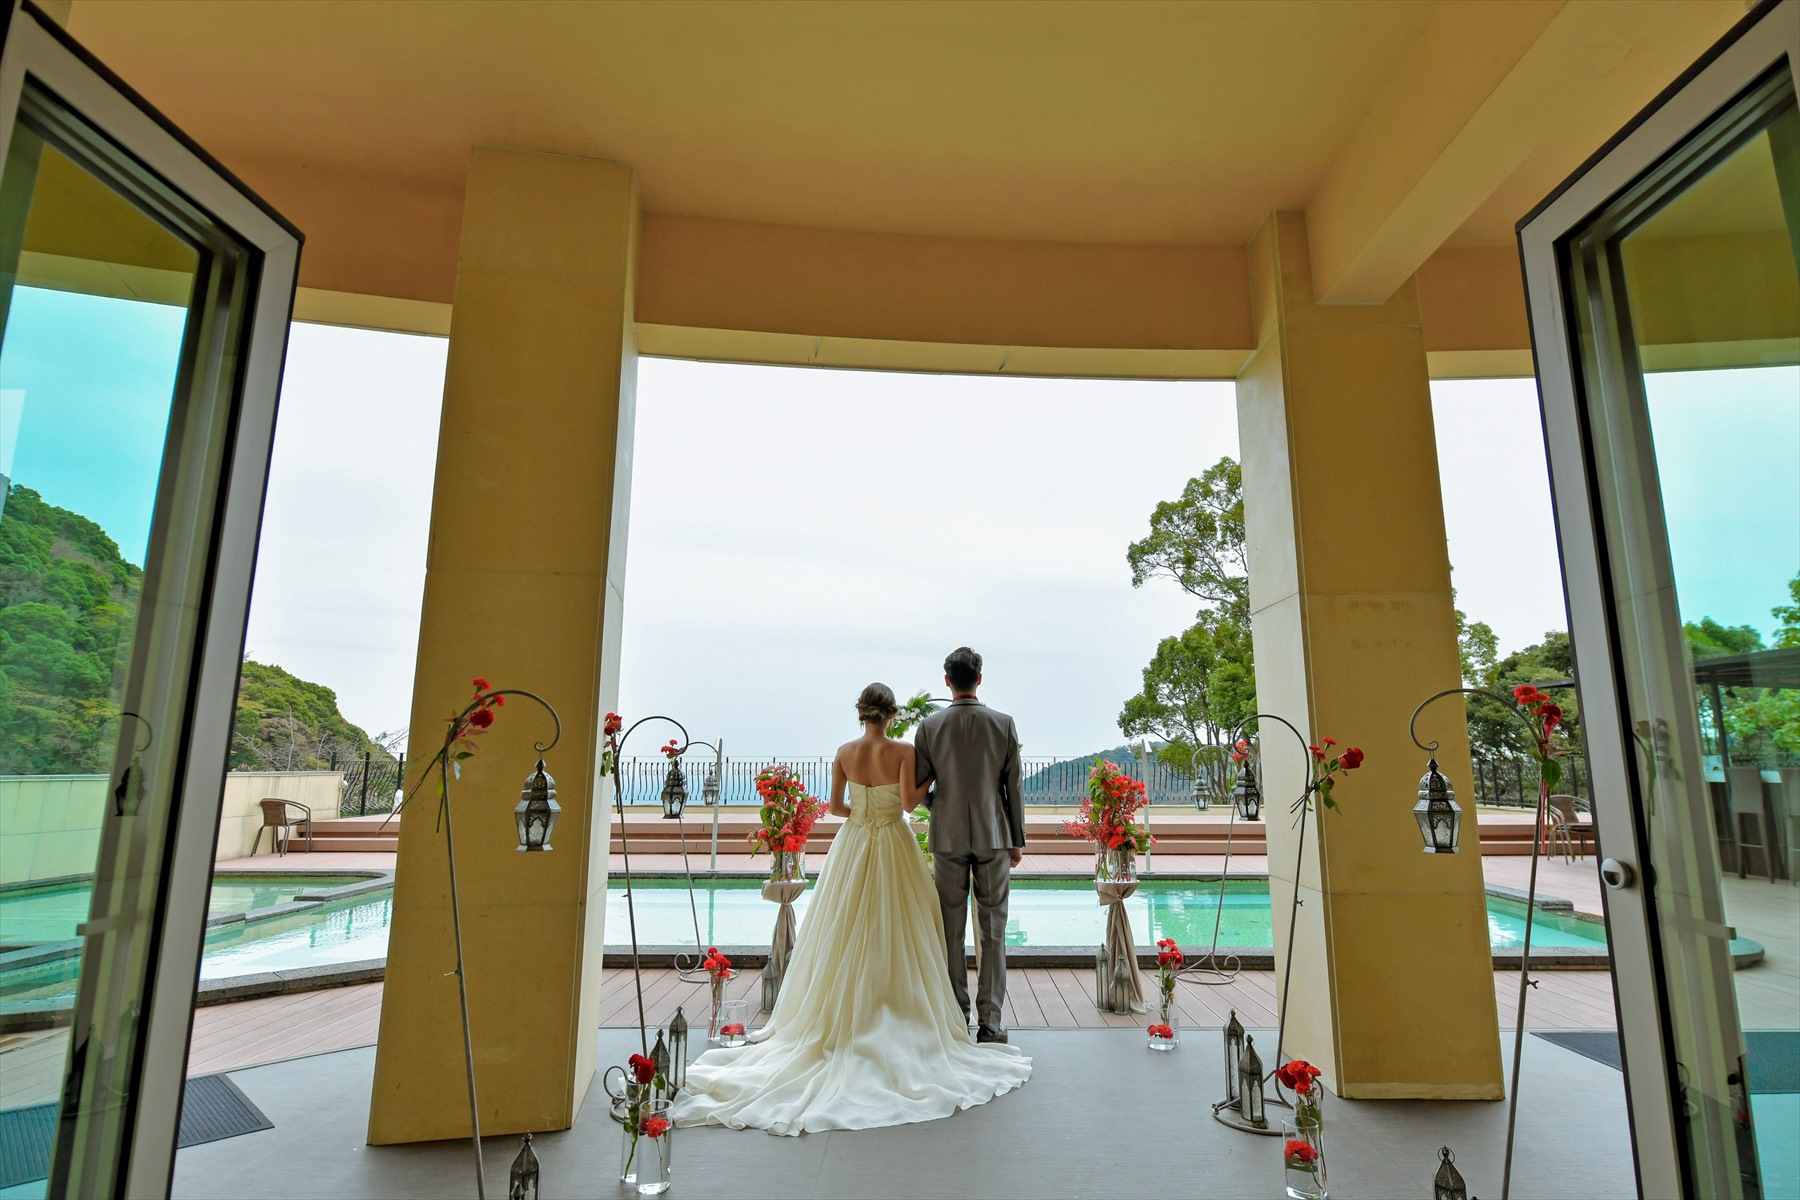 静岡結婚式場 静岡挙式雨天時 アウトドアウェディング雨天時